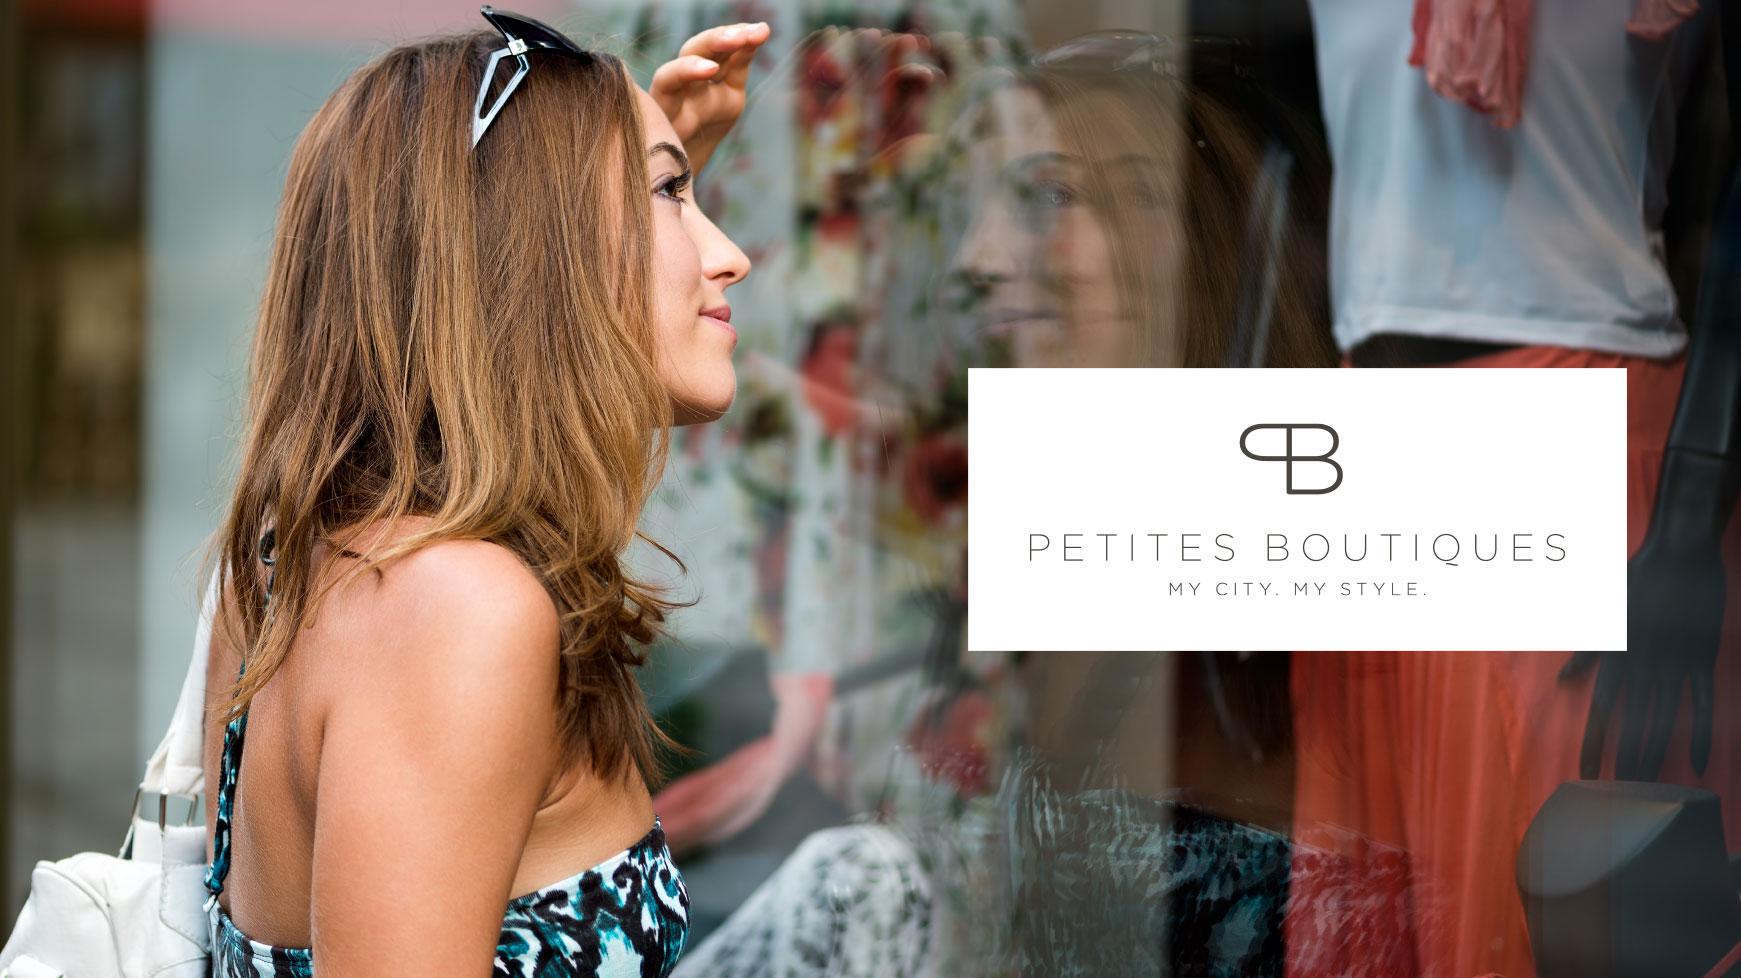 Das Corporate Design von Petites Boutiques